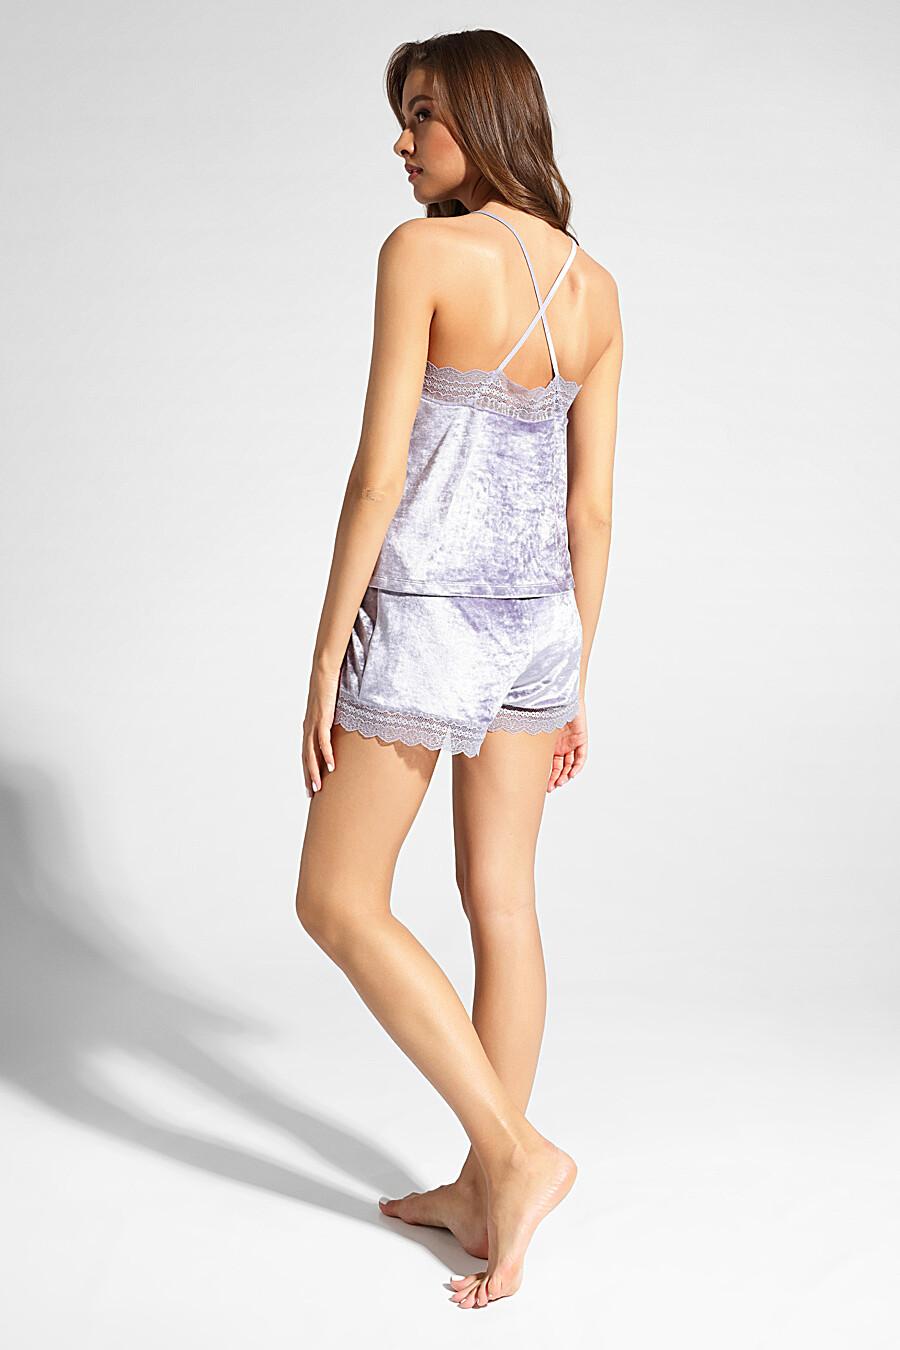 Шорты для женщин CONTE ELEGANT 148712 купить оптом от производителя. Совместная покупка женской одежды в OptMoyo